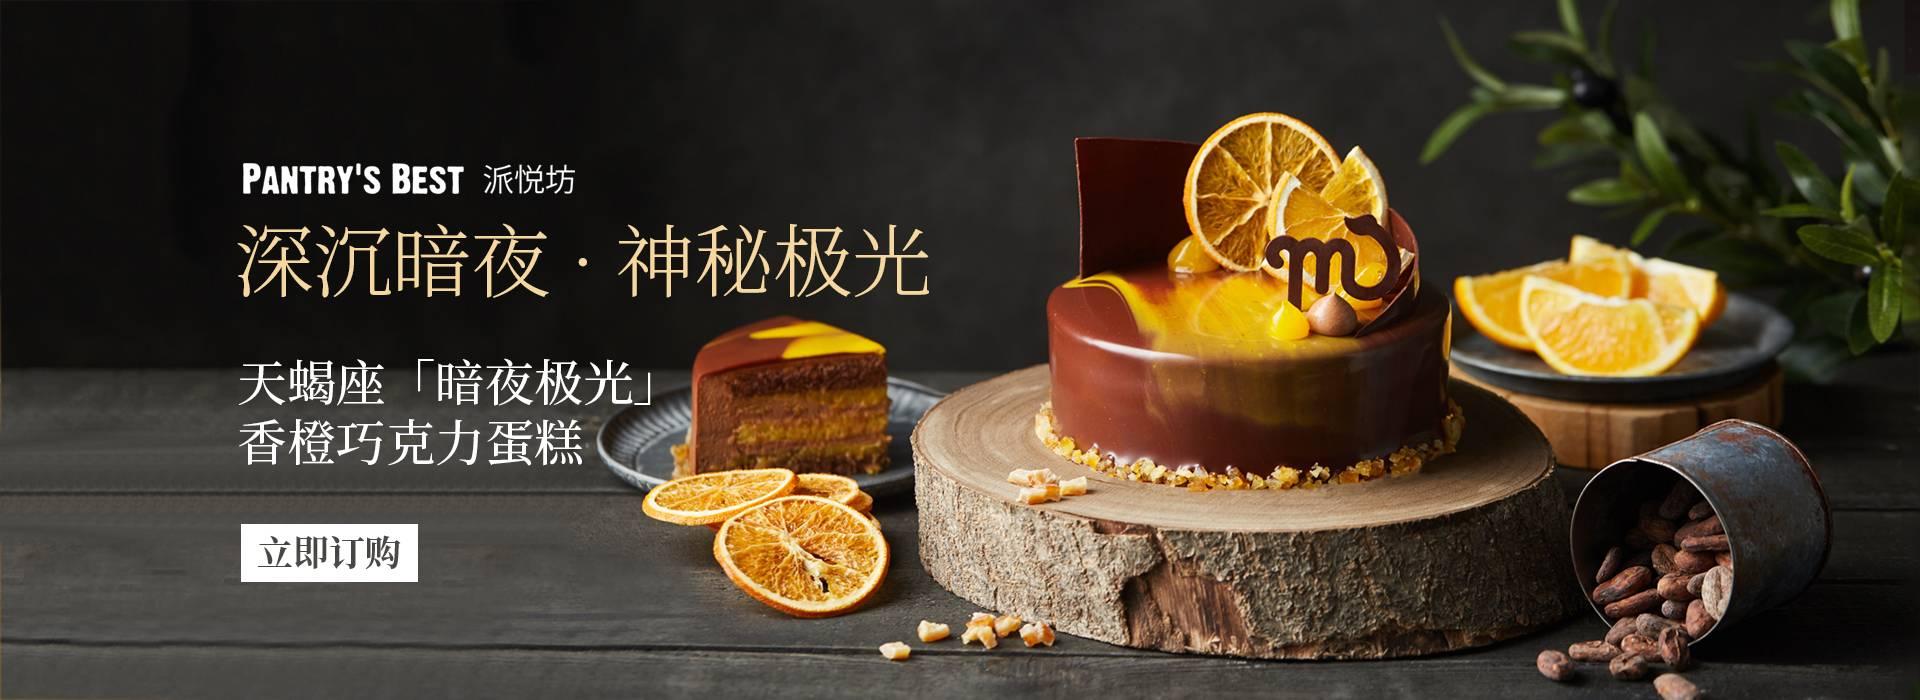 """天蝎座""""暗夜极光""""香橙巧克力蛋糕"""